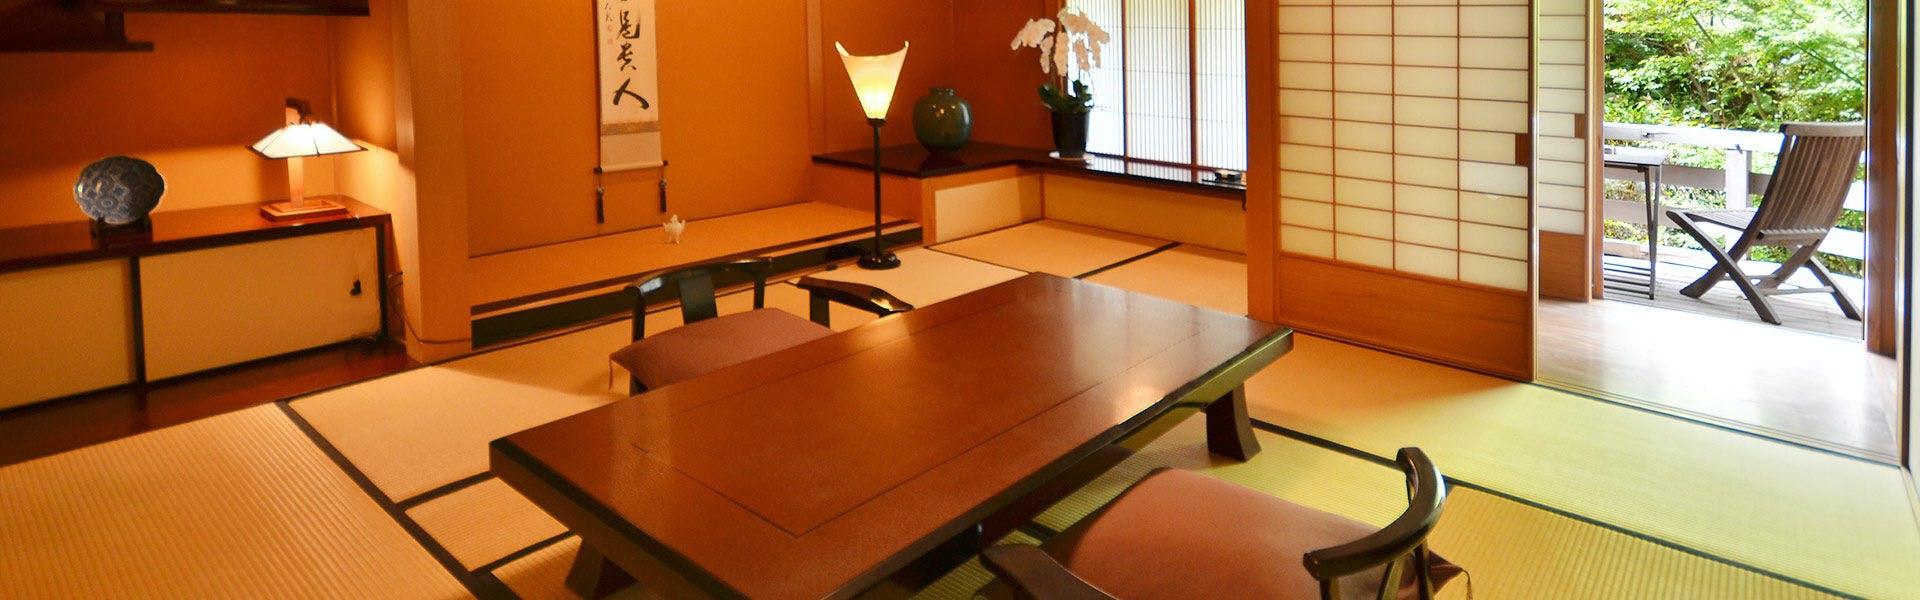 記念日におすすめのホテル・懐石宿 扇屋の写真1